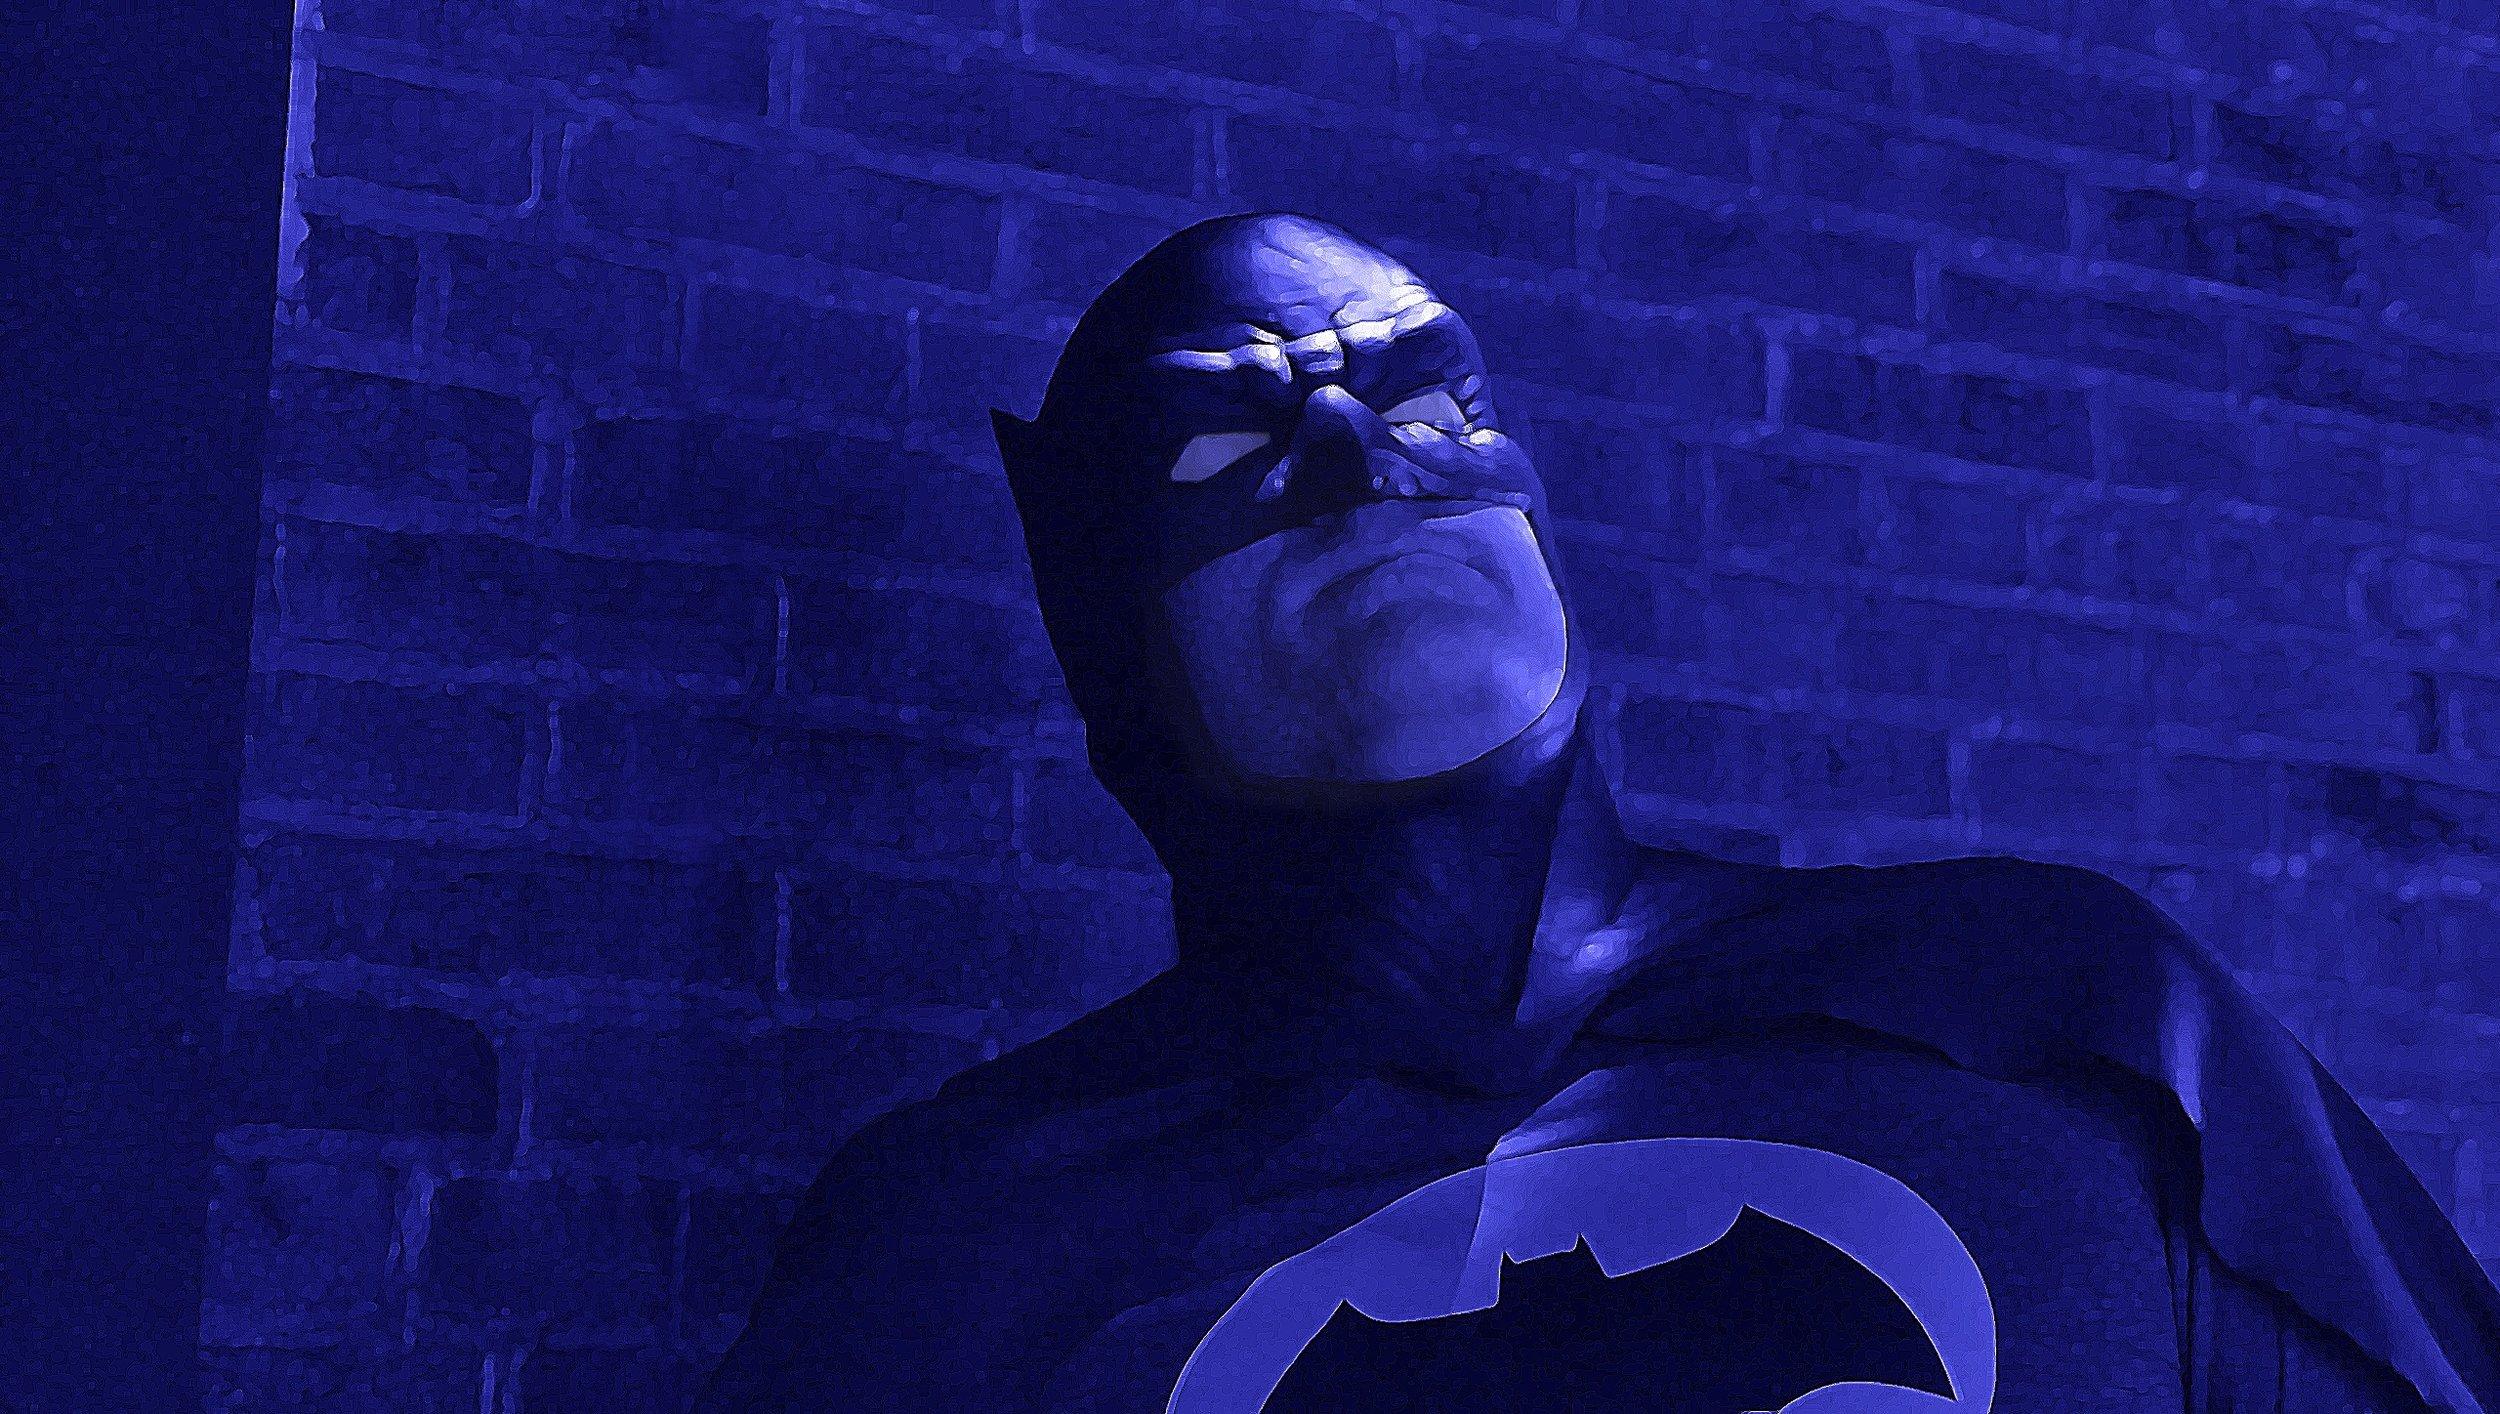 Me as Batman, The Dark Knight, in my epic fan film.